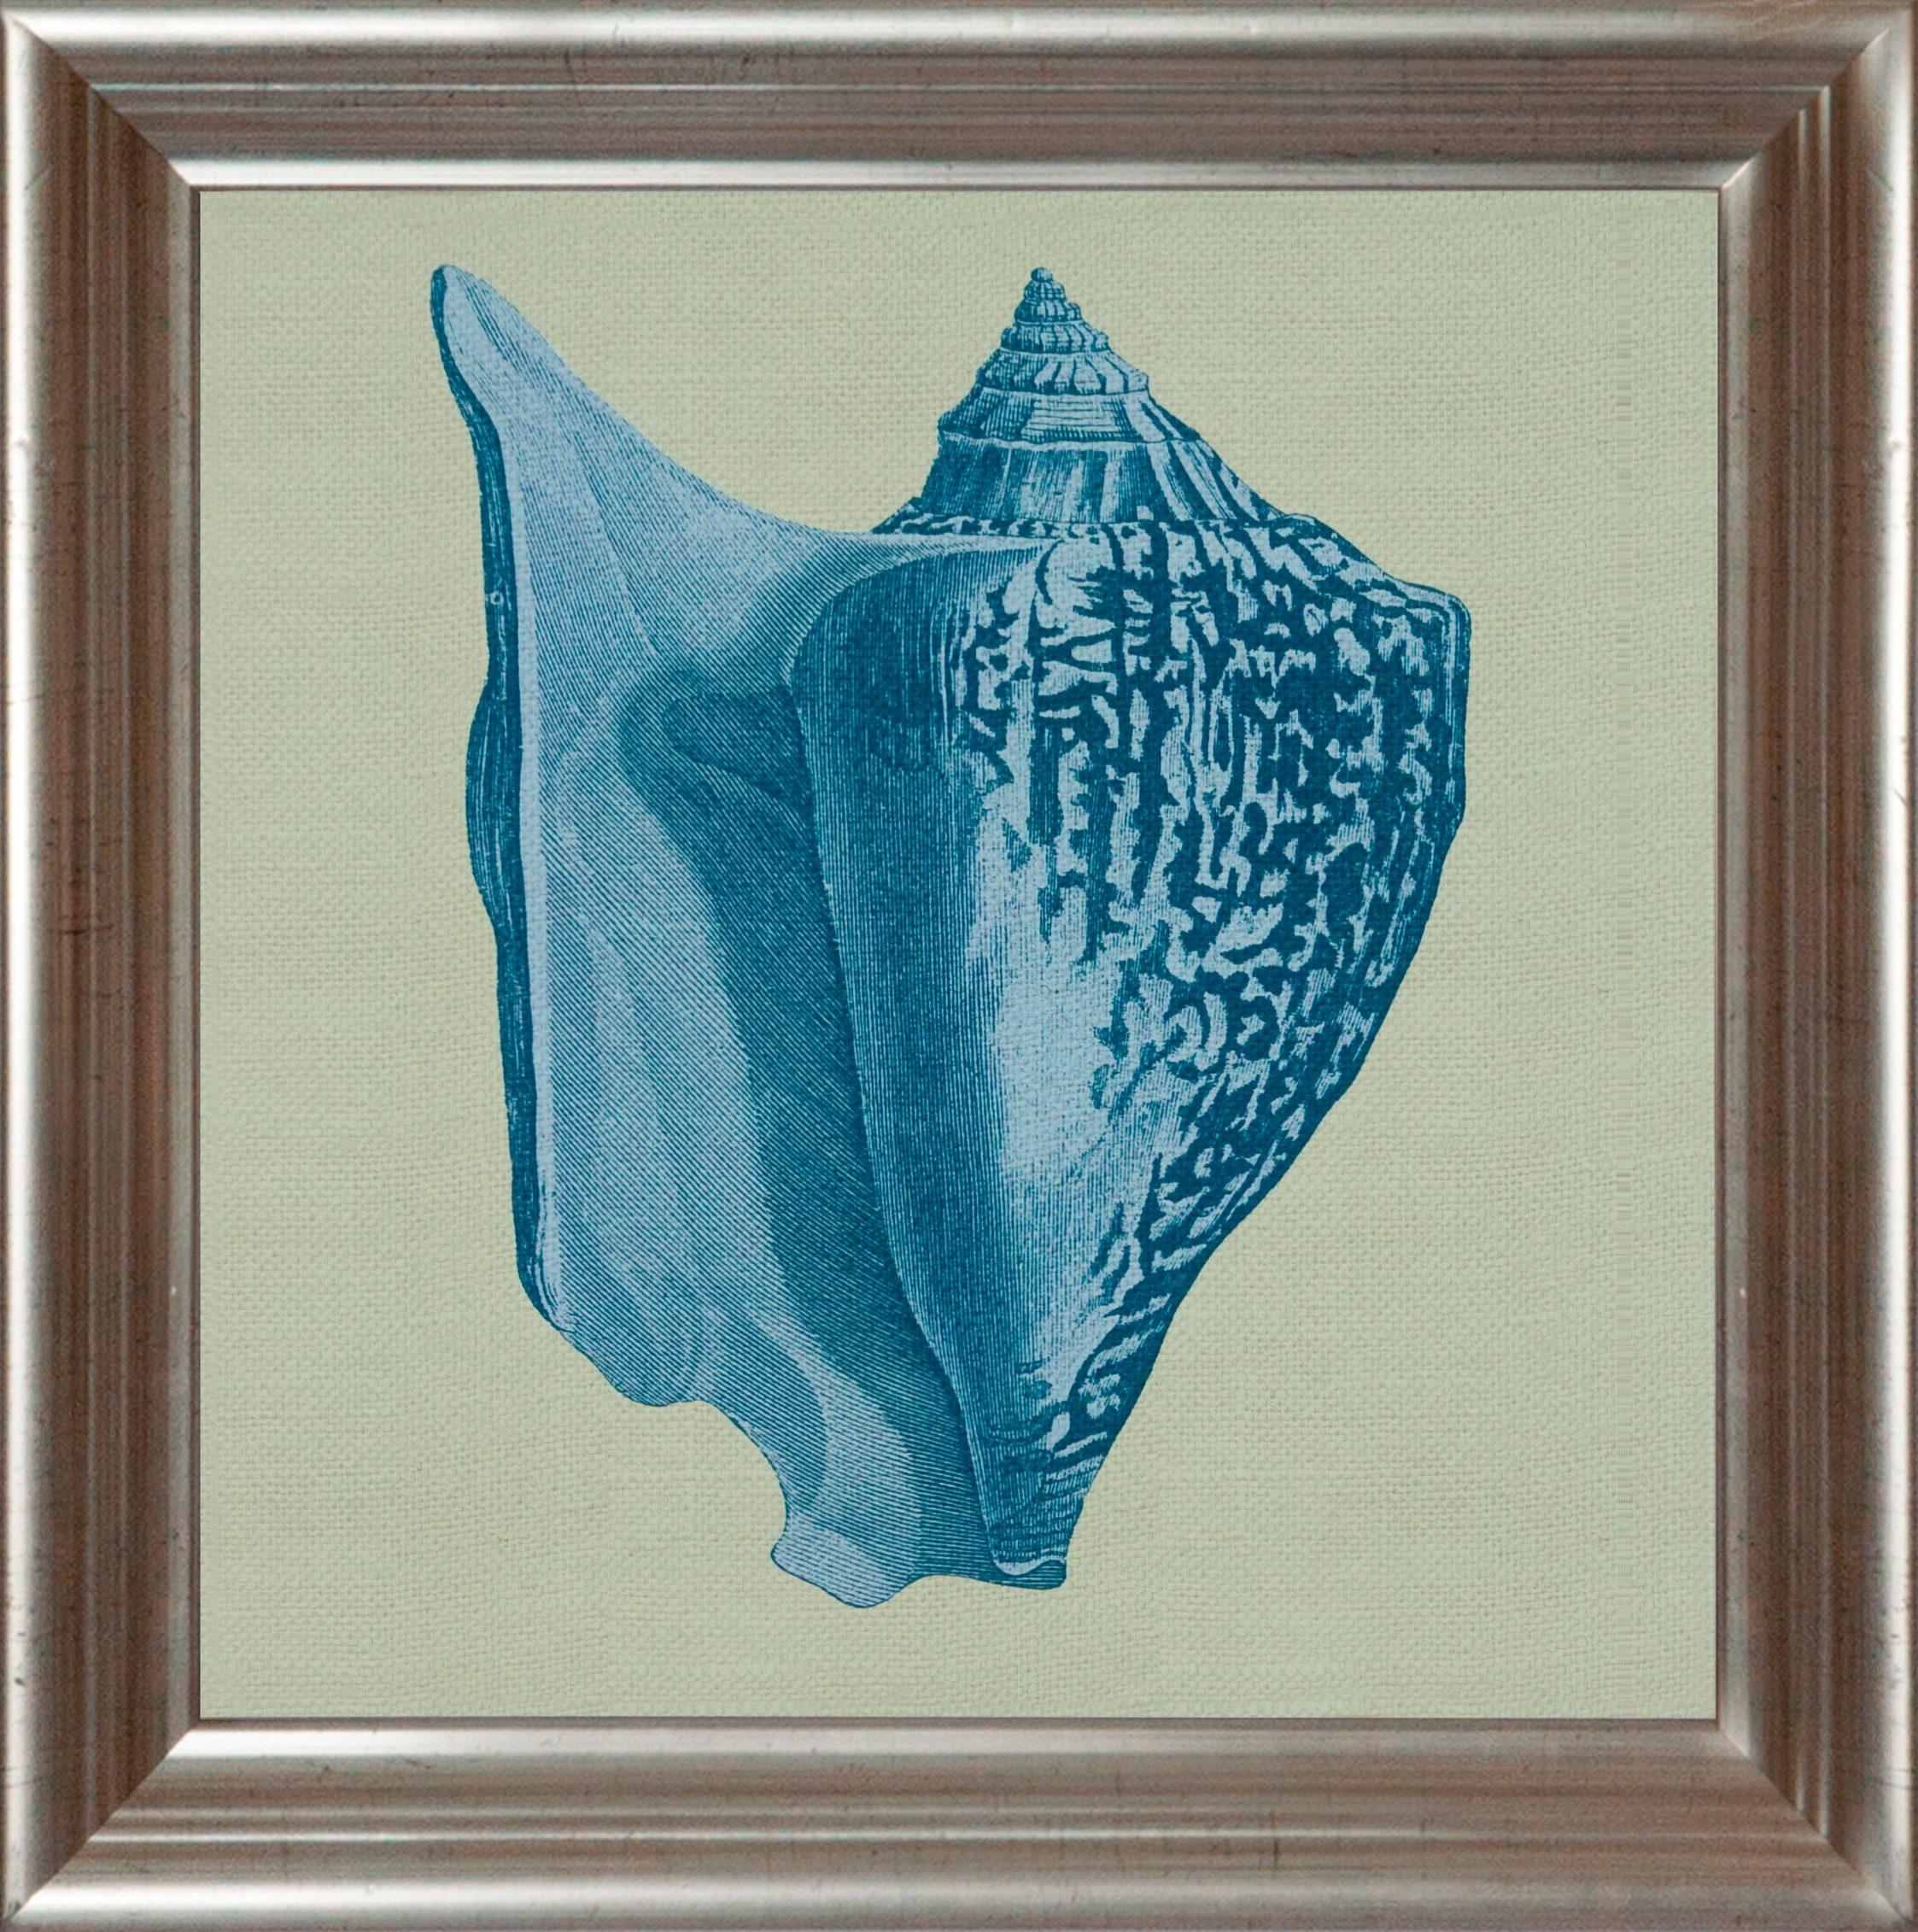 G&C gerahmter Kunstdruck »Chambray Shell Motiv 1«, 40/40 cm